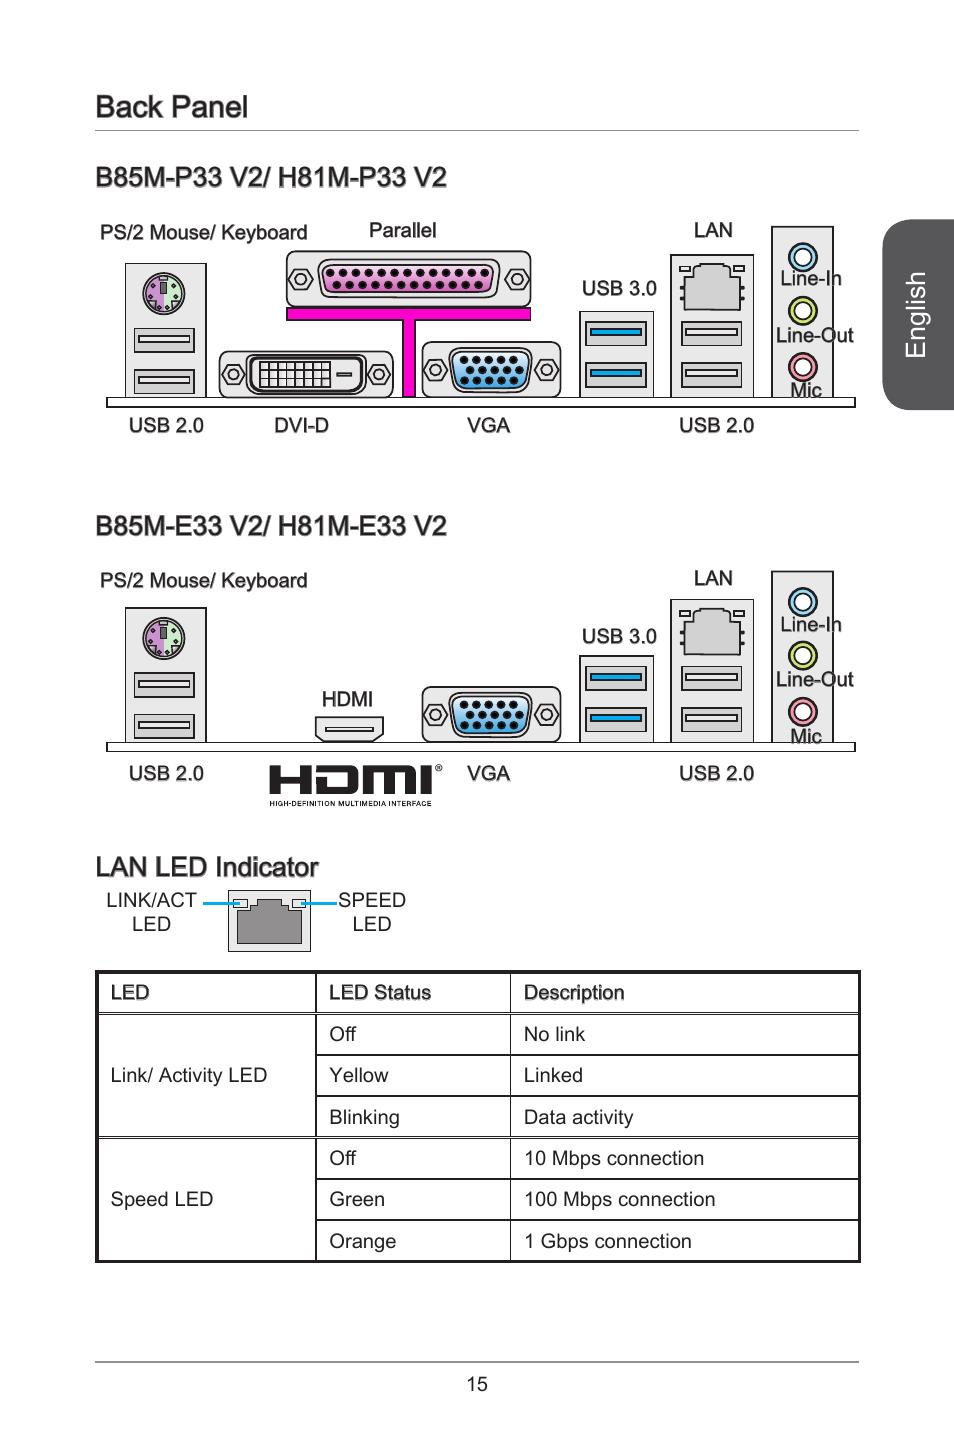 msi h81m e33 v2 page15 back panel, english, lan led indicator msi h81m e33 v2 user  at alyssarenee.co